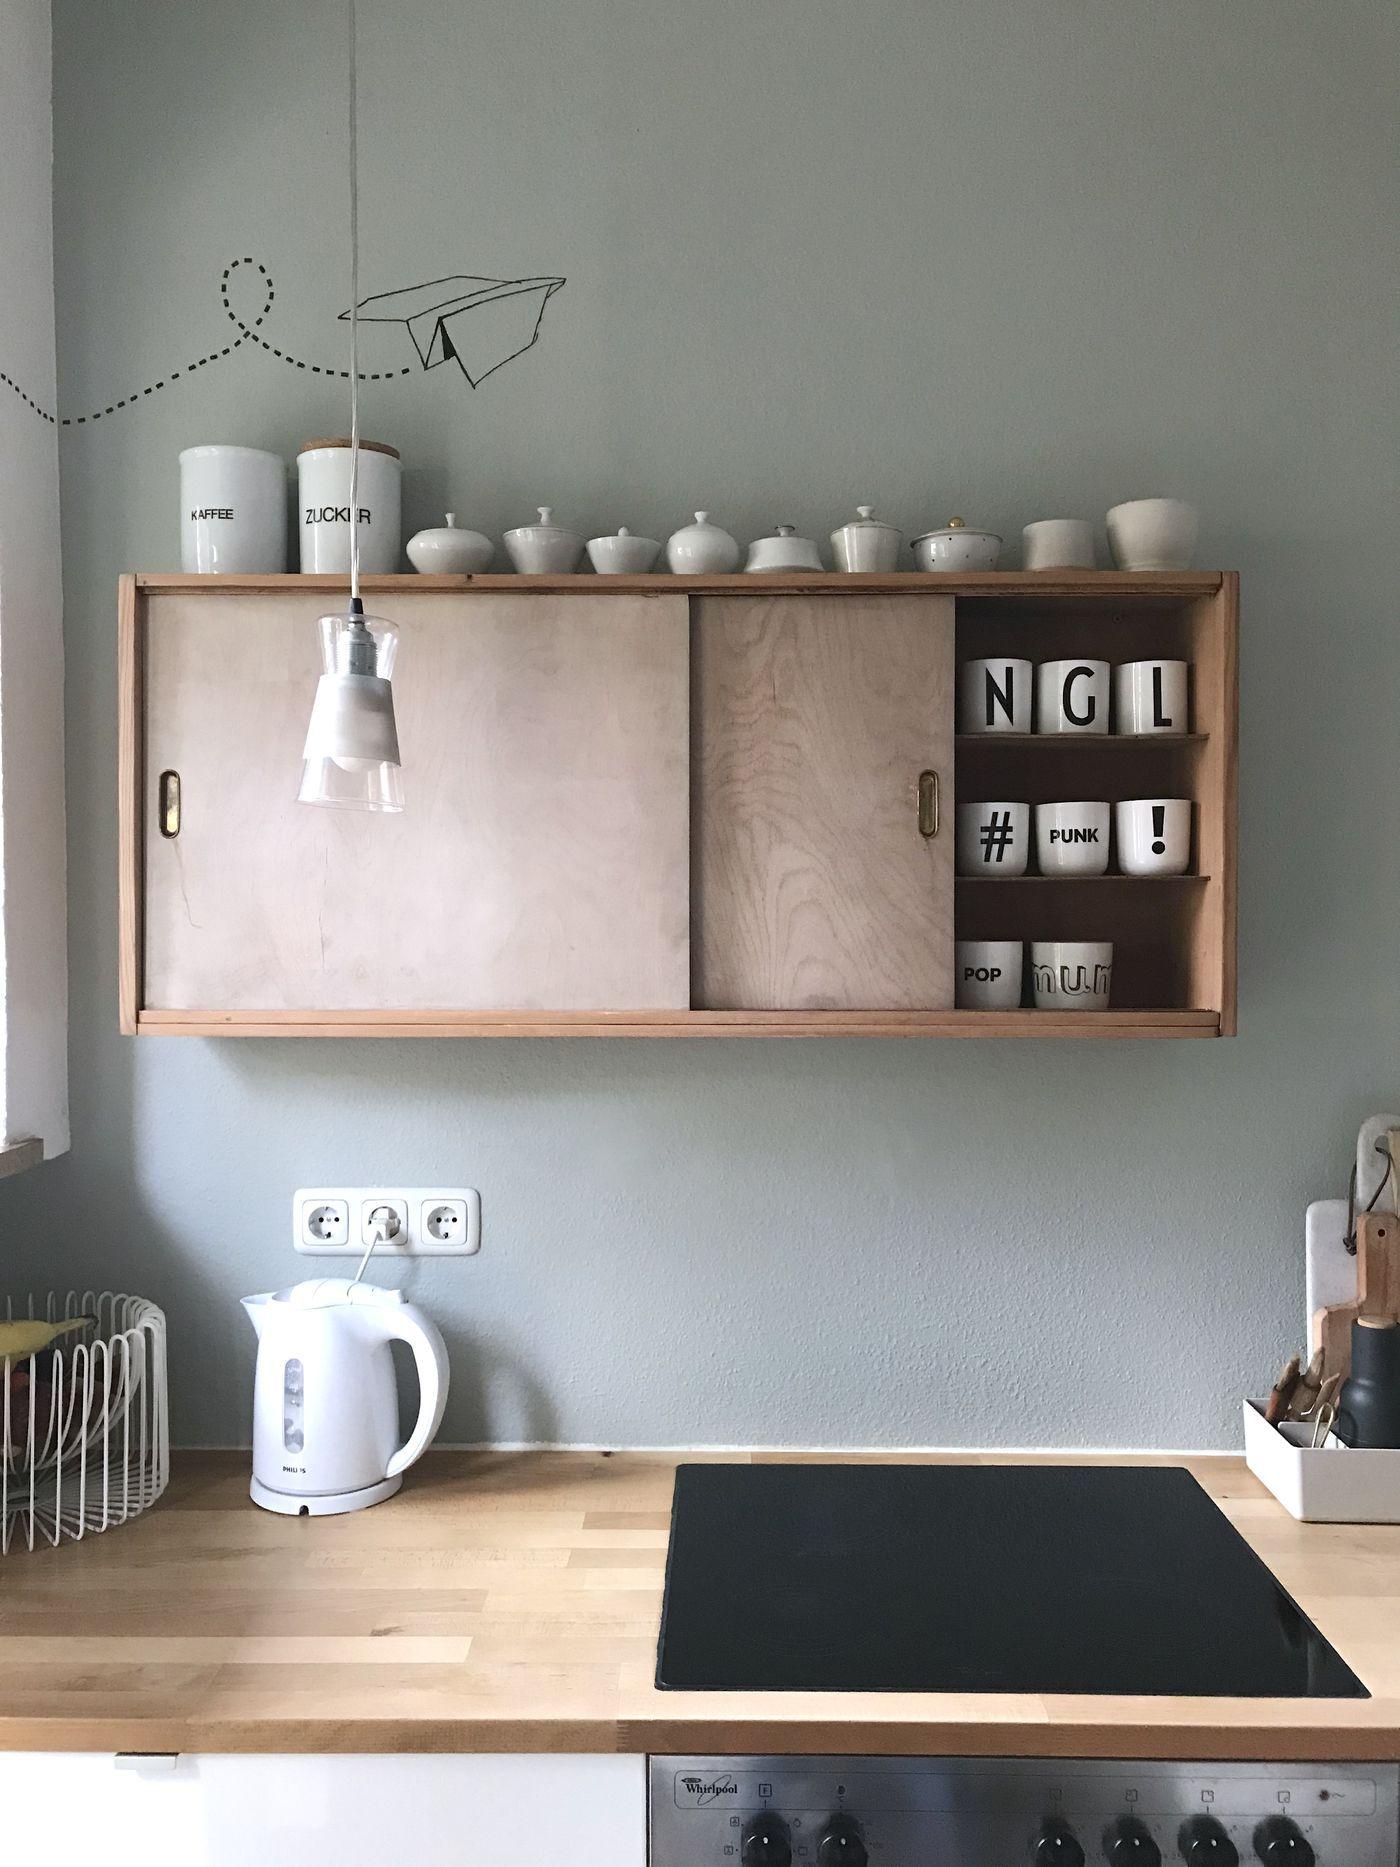 Full Size of Küchen Tapeten Abwaschbar Für Küche Fototapeten Wohnzimmer Schlafzimmer Regal Die Ideen Wohnzimmer Küchen Tapeten Abwaschbar